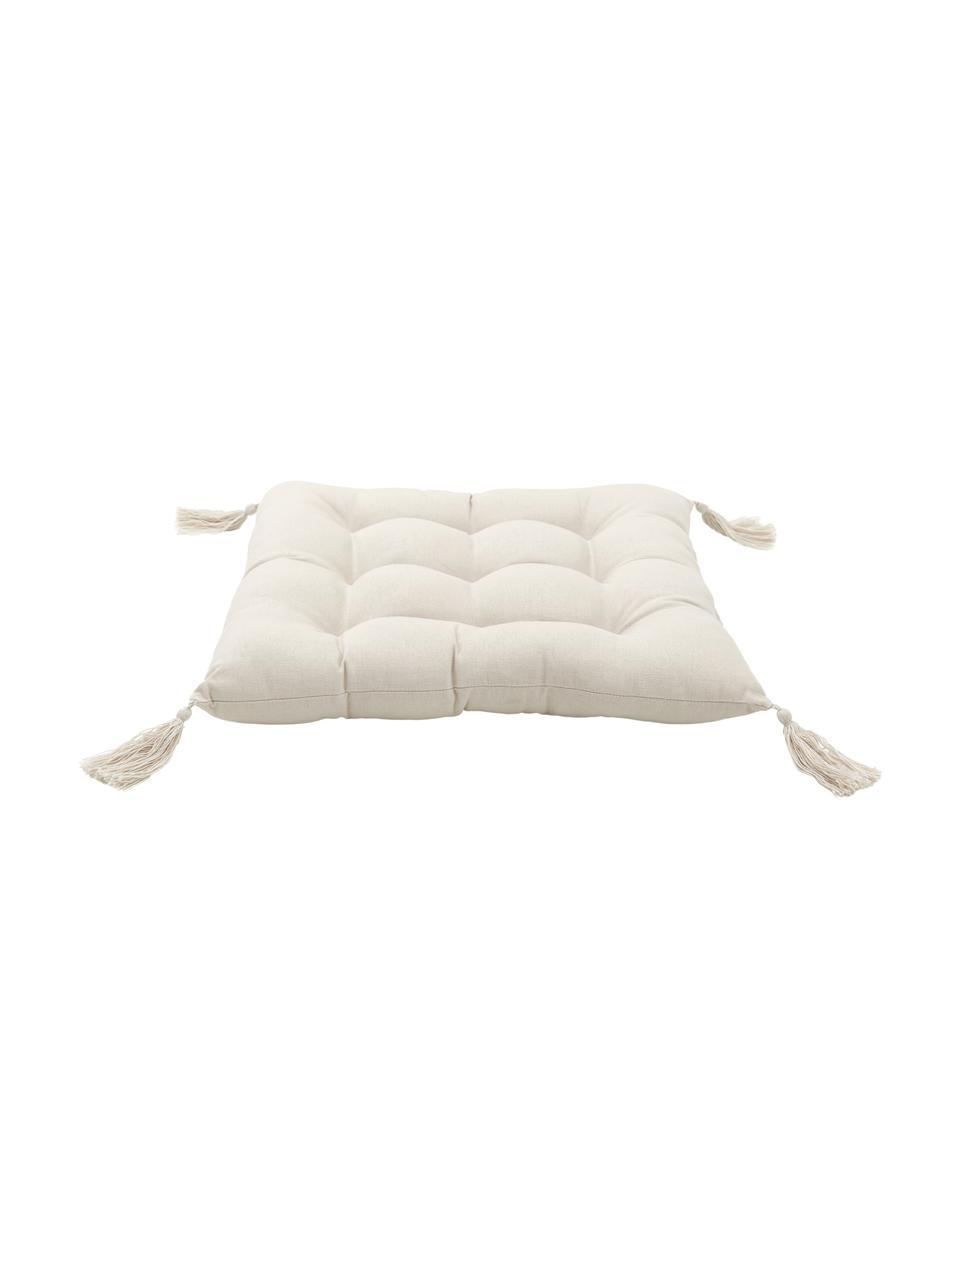 Sitzkissen Ava in Beige mit Quasten, Bezug: 100% Baumwolle, Beige, 40 x 40 cm